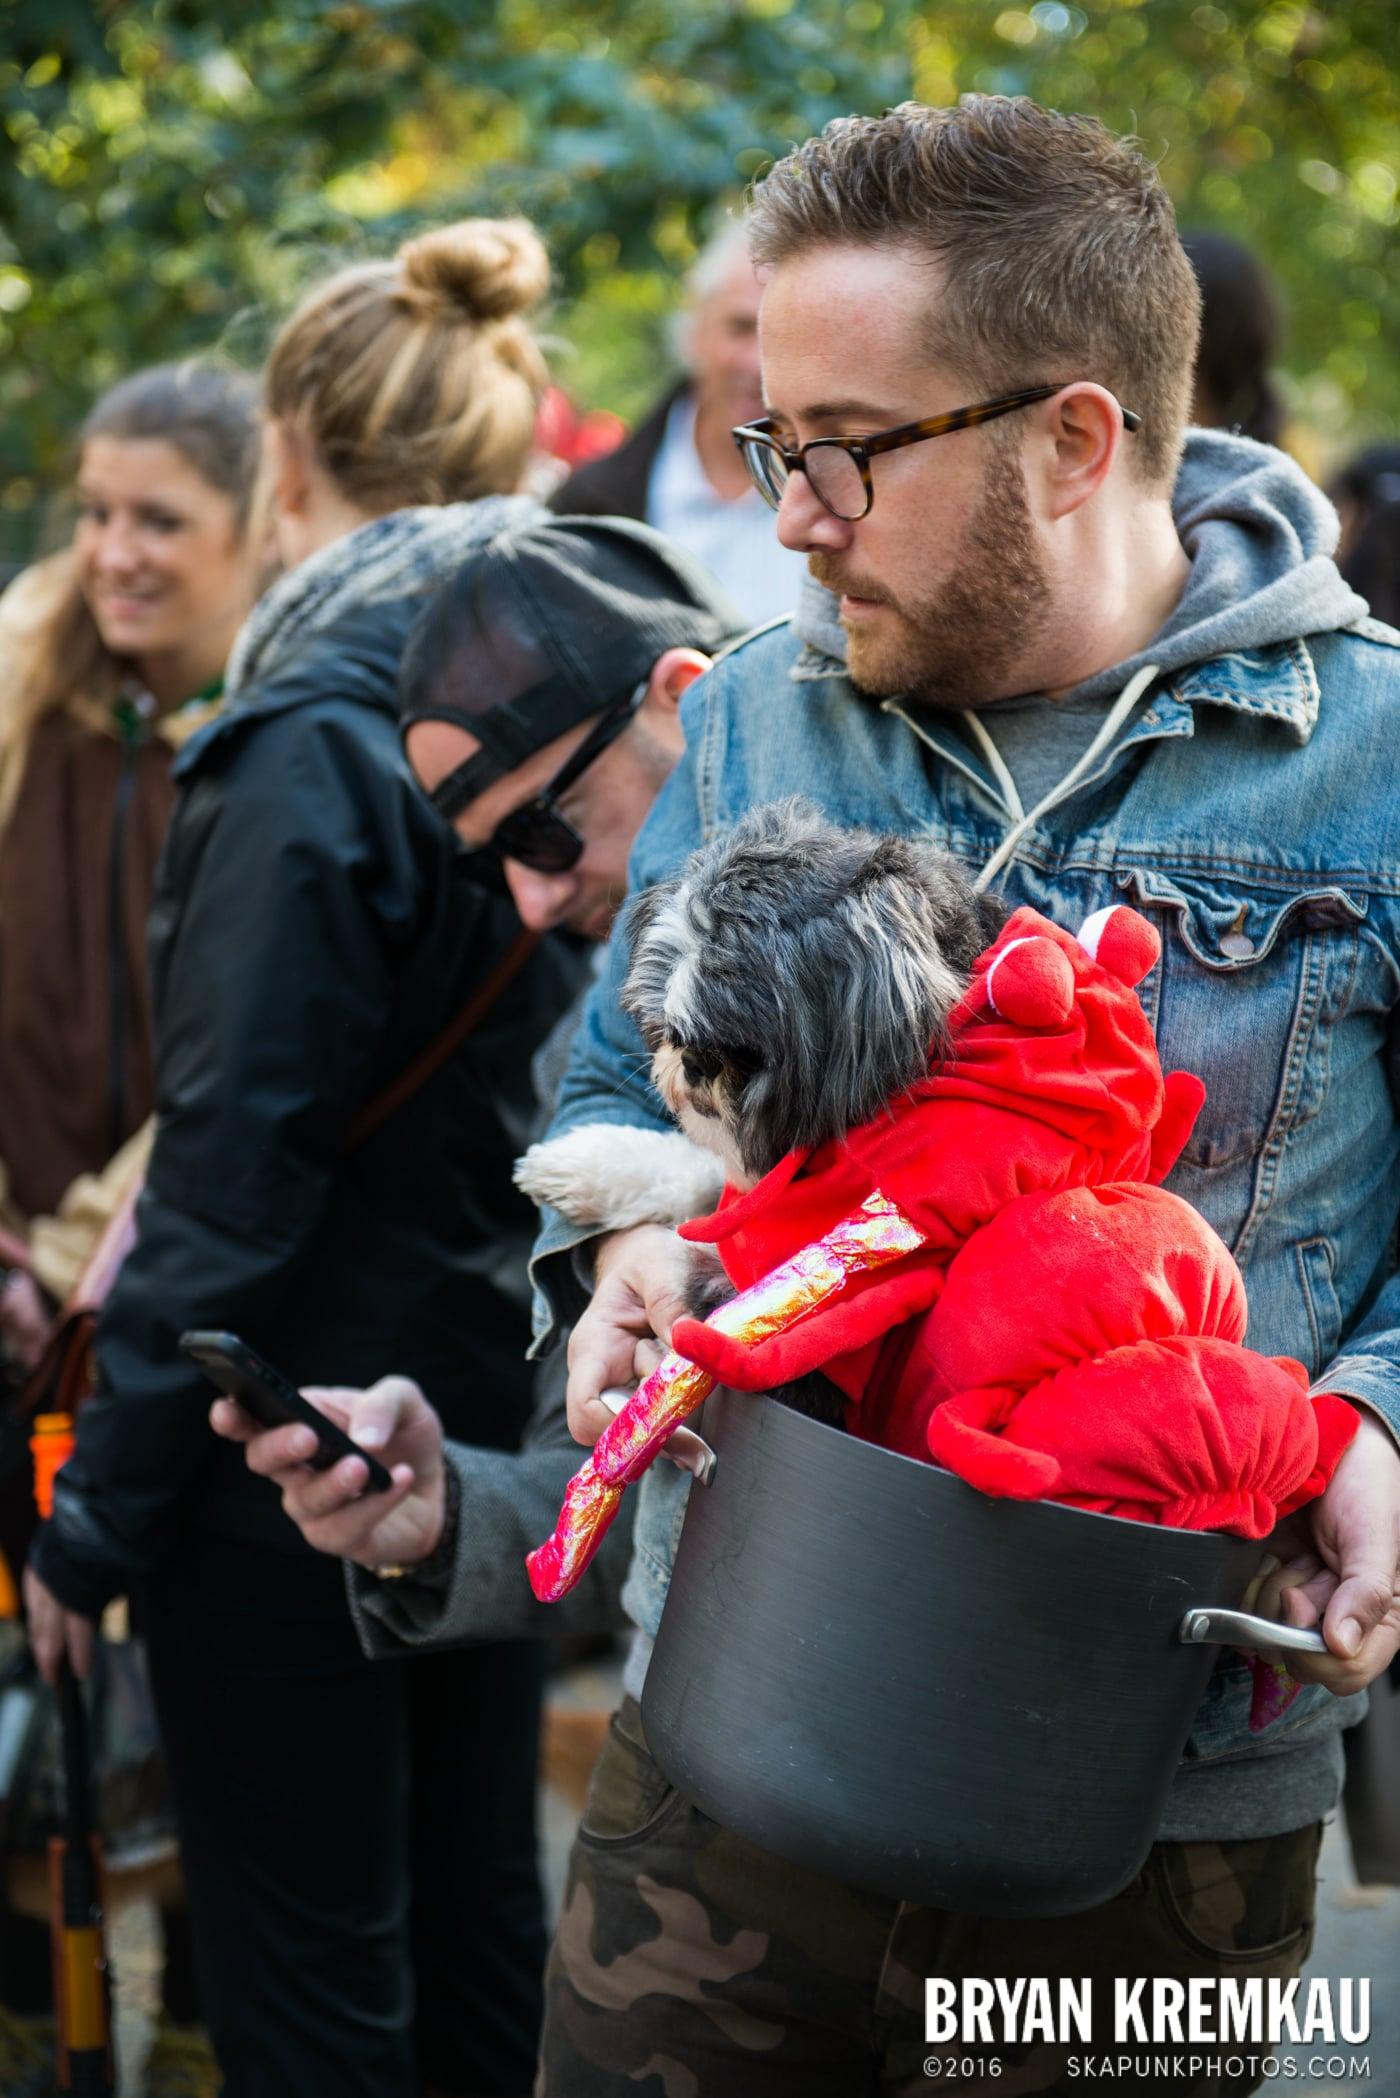 Tompkins Square Halloween Dog Parade 2013 @ Tompkins Square Park, NYC - 10.26.13 (14)